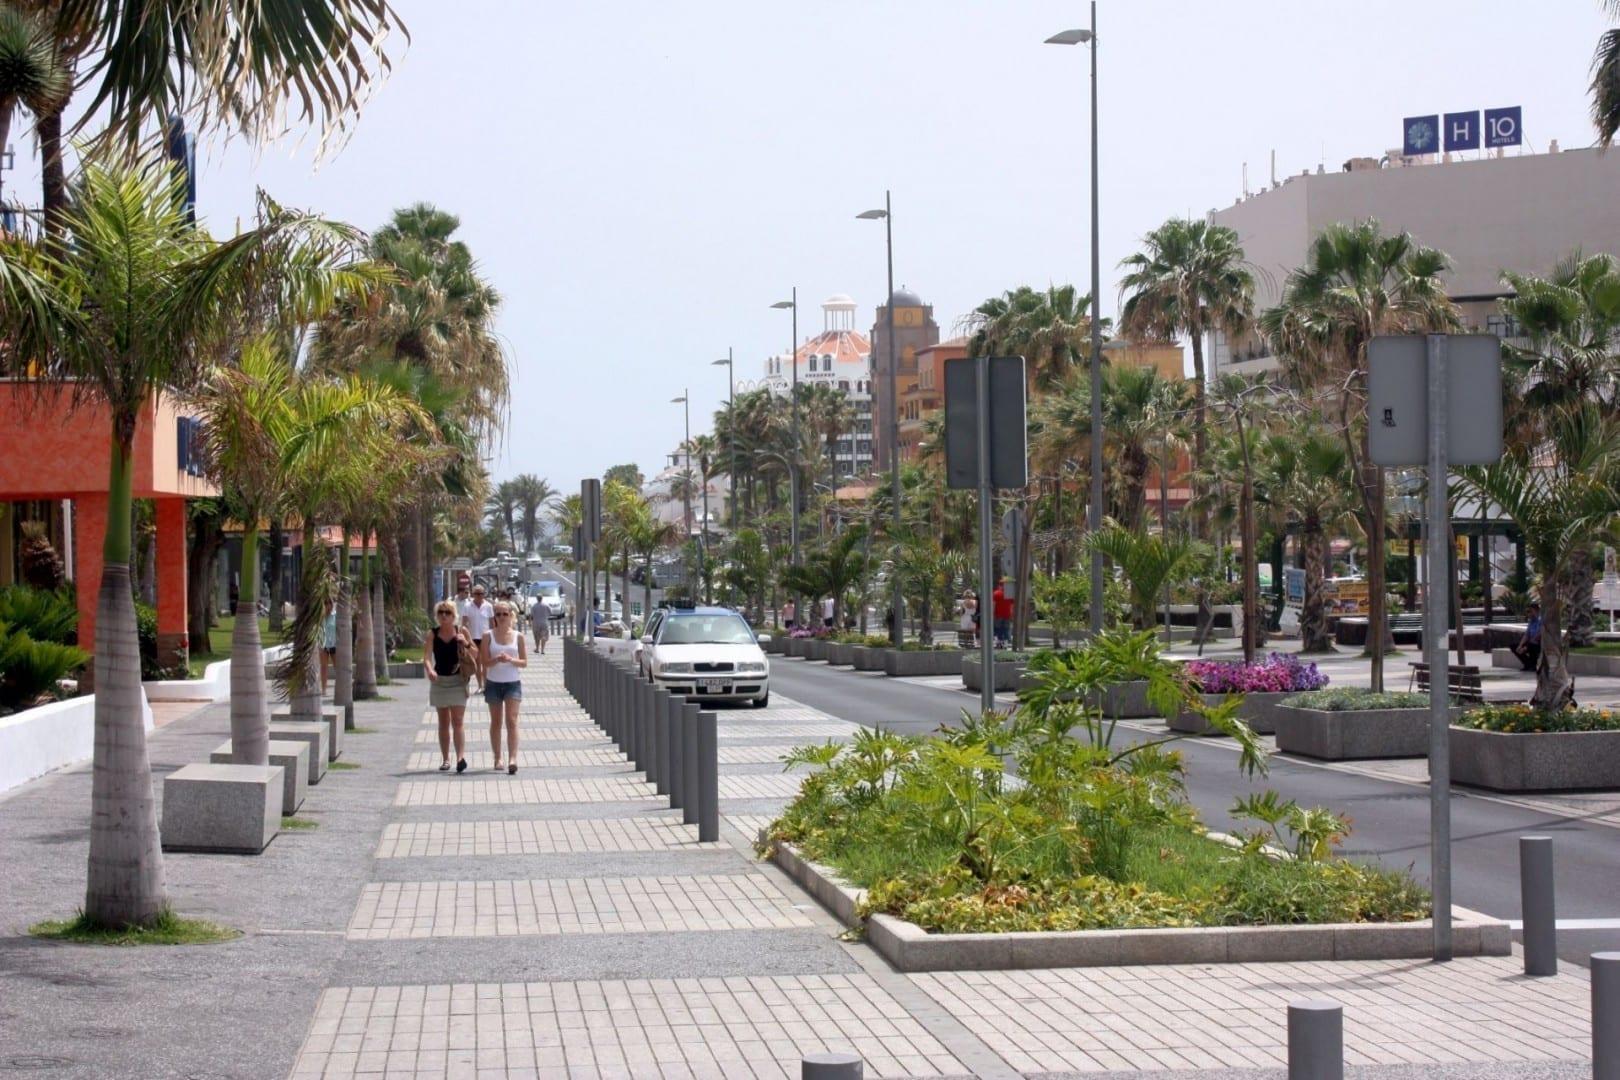 La calle comercial en Playa de las Américas Playa de las Américas España